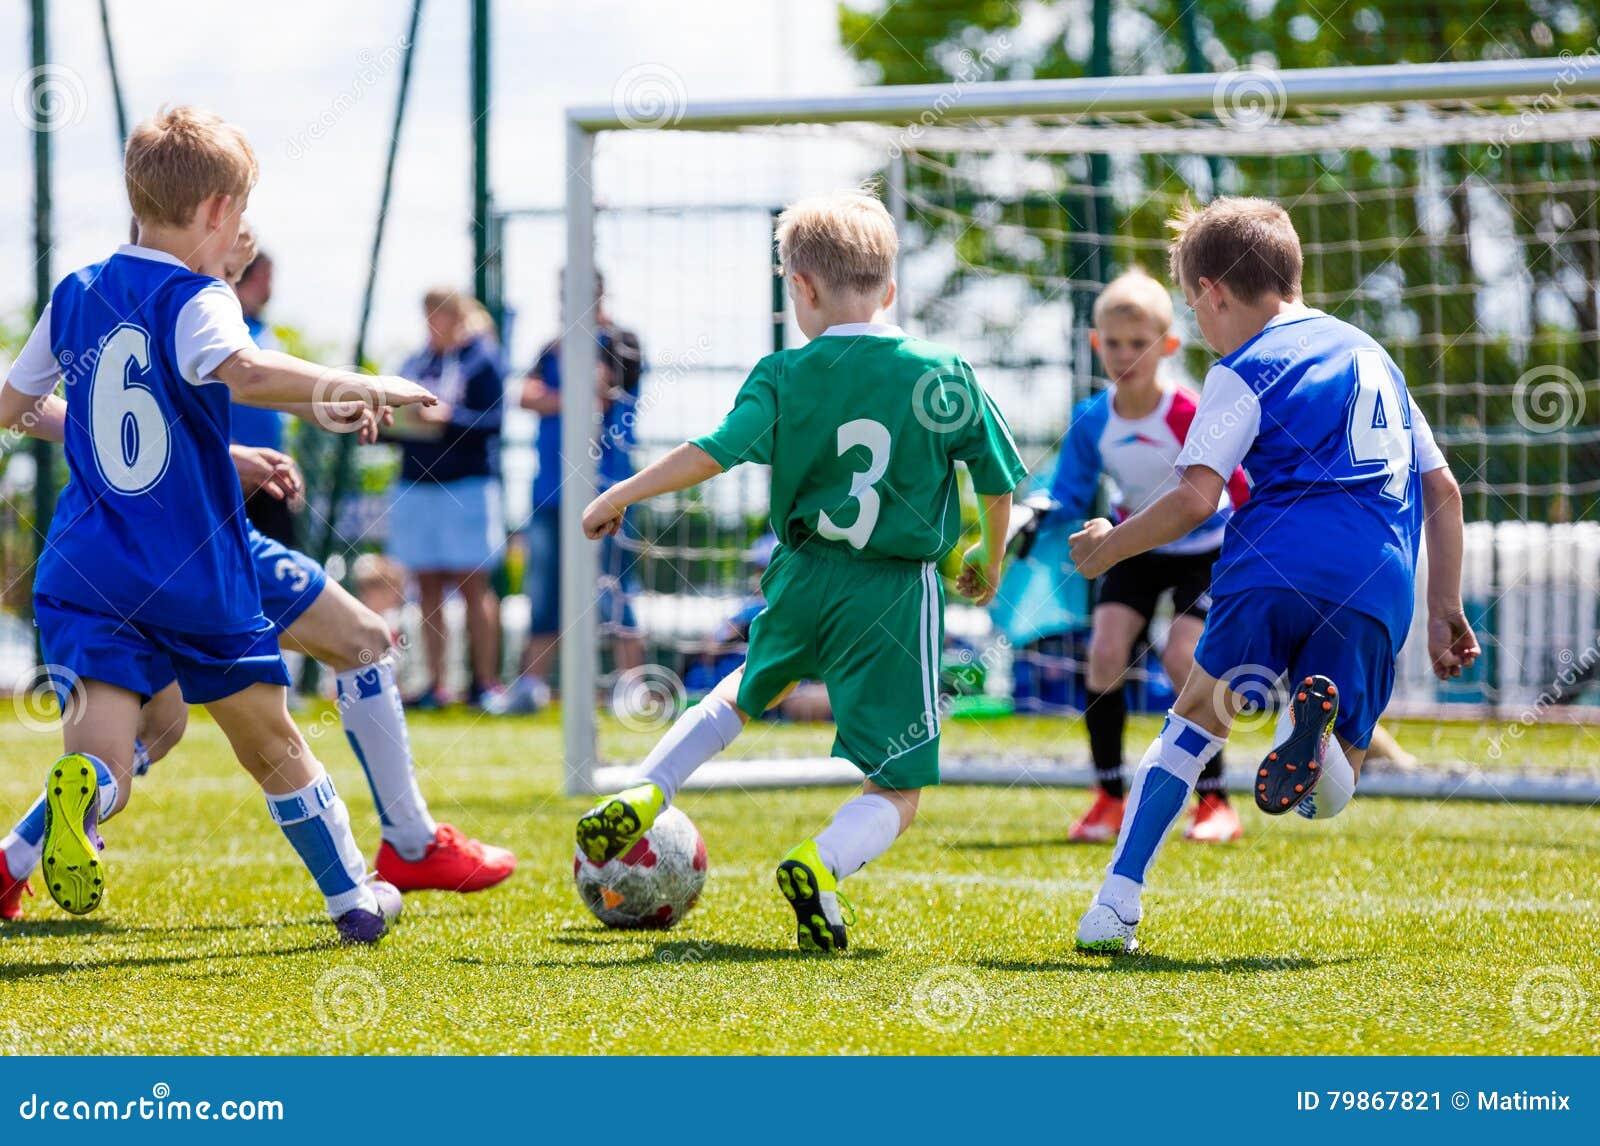 Immagini Di Calcio Per Bambini : Partita di calcio di calcio per i bambini ragazzi che giocano a